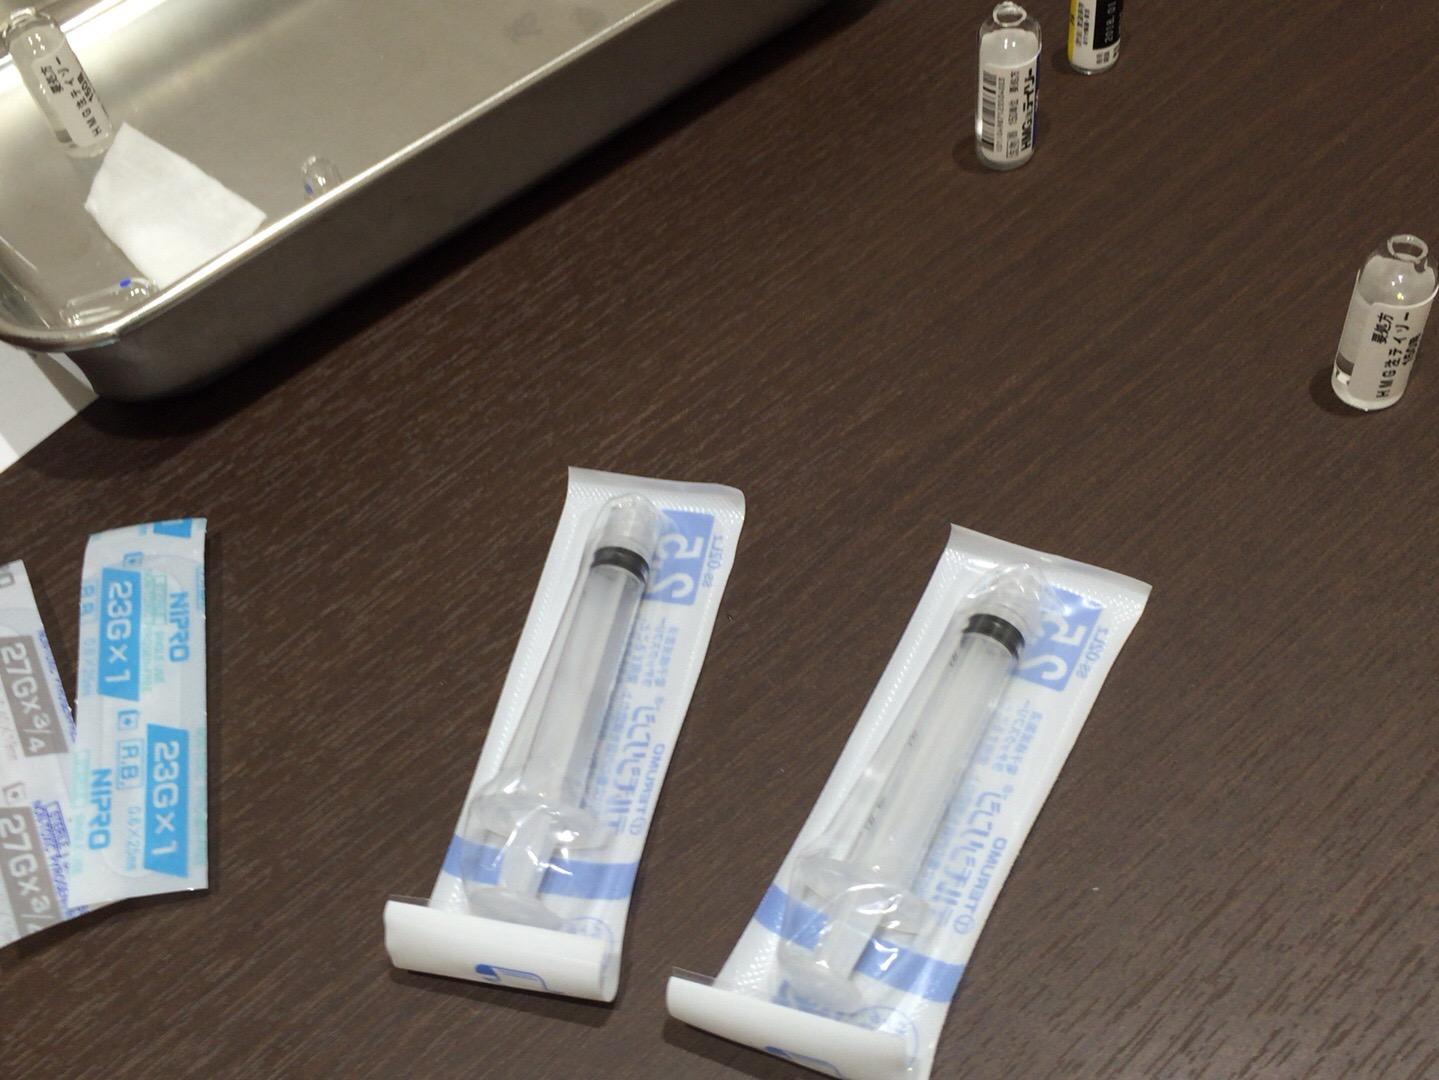 【体外受精1周期目】9,  採卵に向けて初めての自己注射!D5